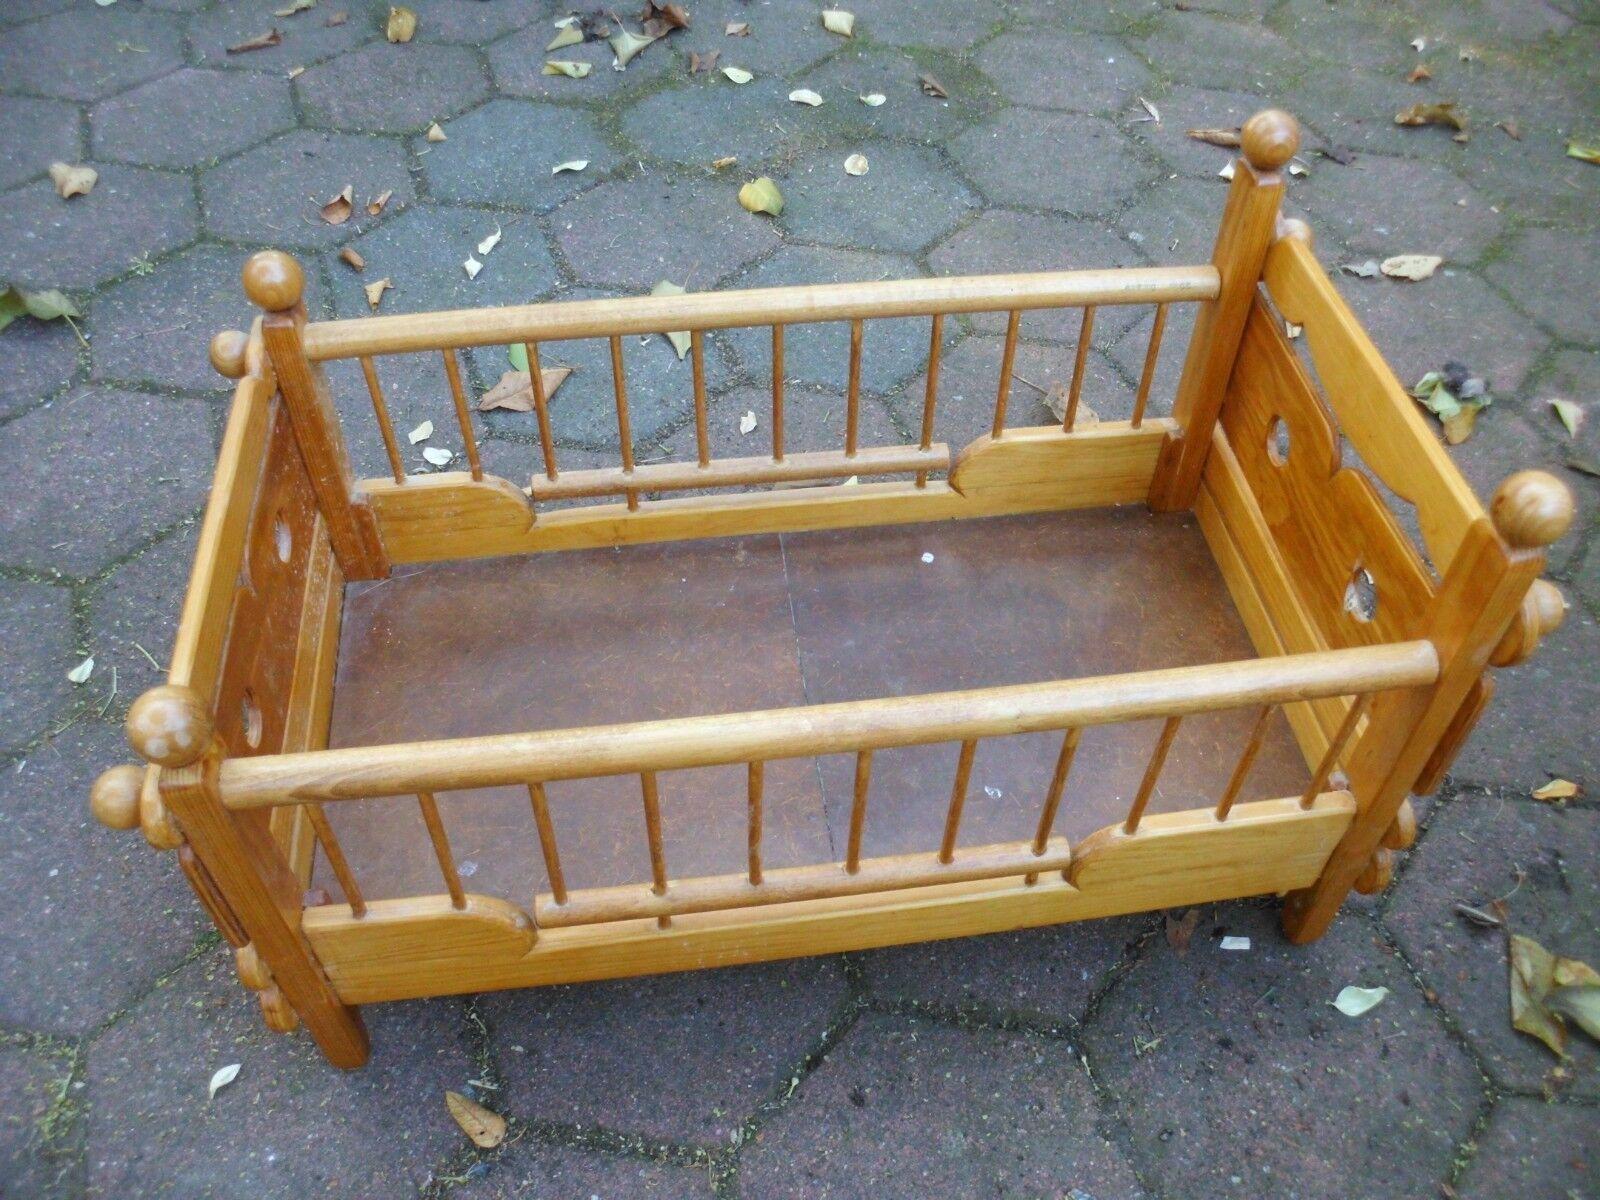 Puppenbett aus Holz - L x B x H ca. 62 x 31 x 35 cm - Handarbeit